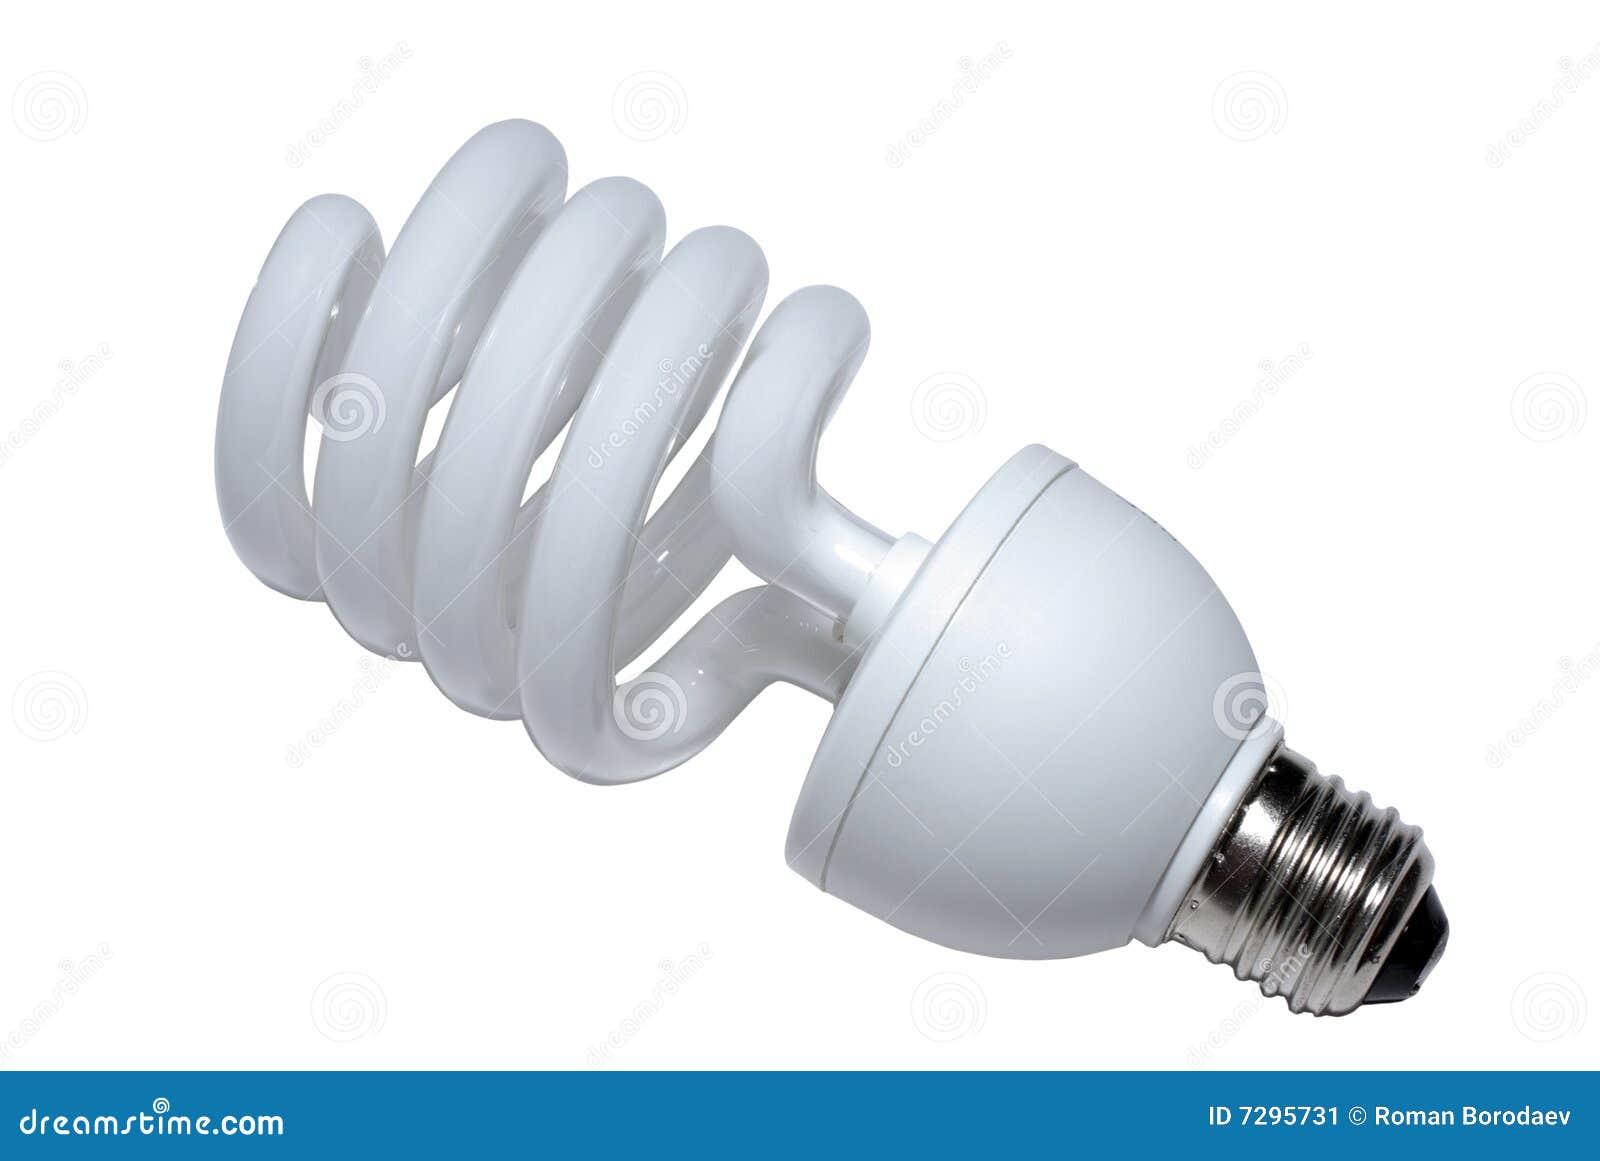 Spiral light bulb lamp isolated on white background economical fluorescent lightbulb CFL new energy economic modern saver saving